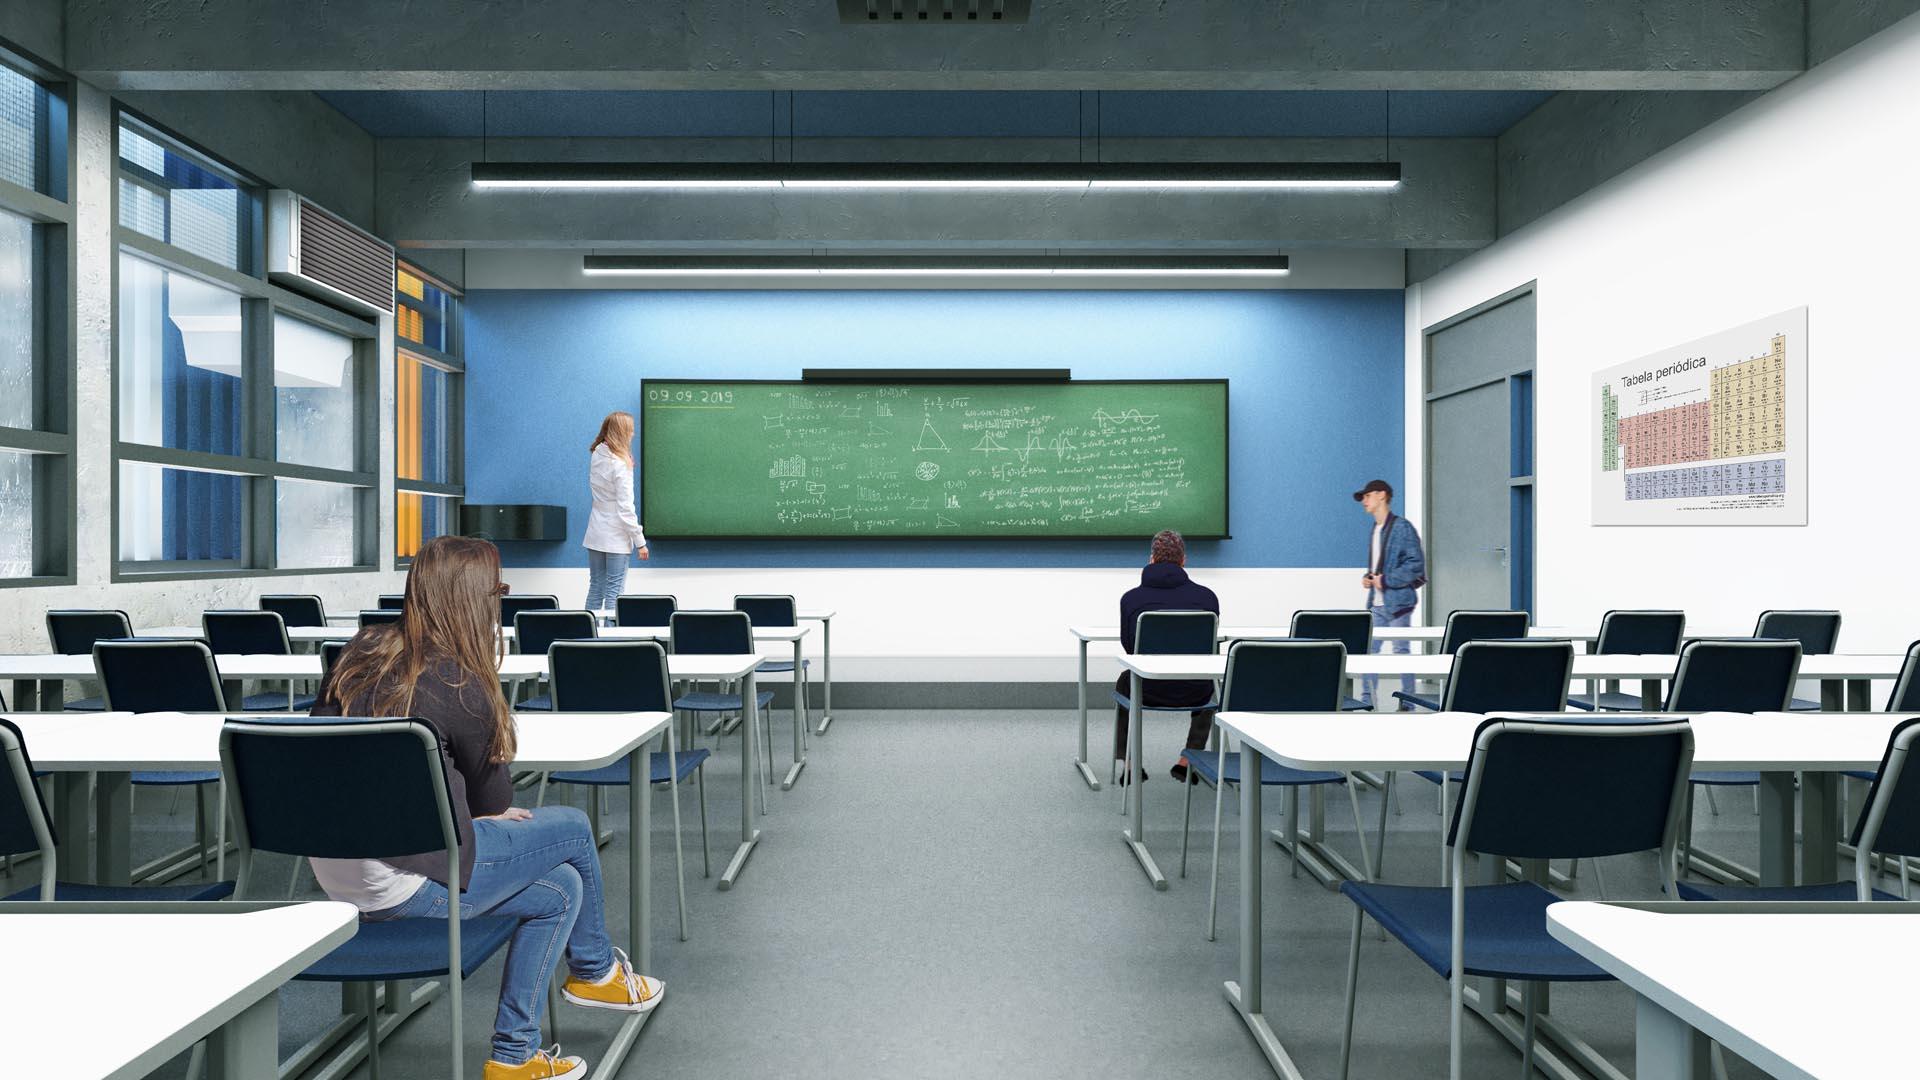 Sala de aula  - Nova unidade do Colégio Etapa